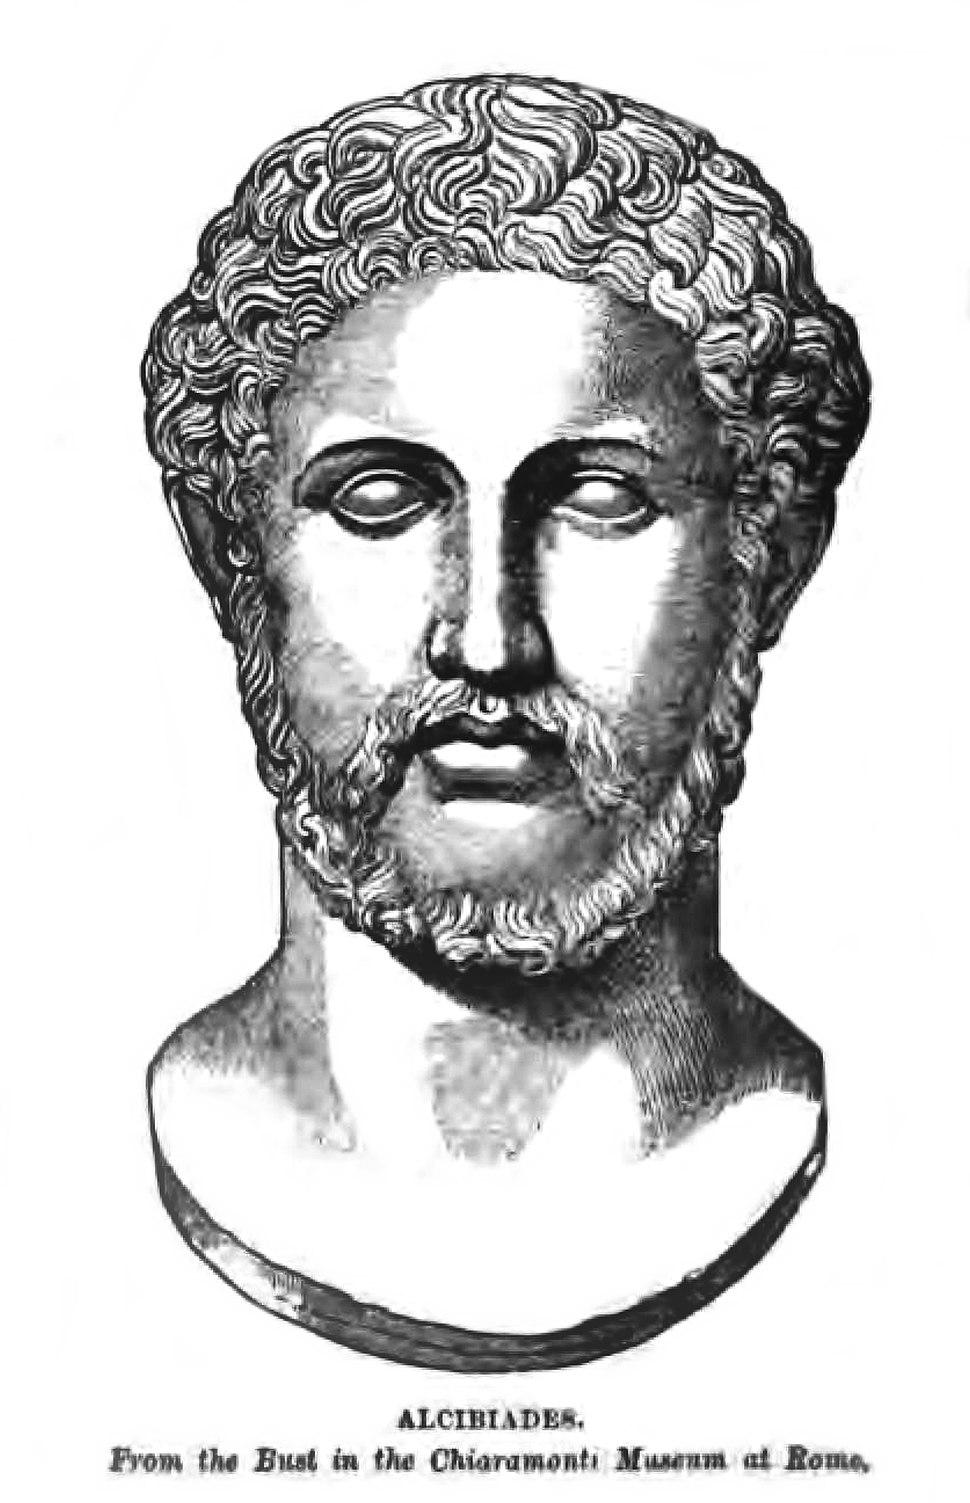 Alcibiades portrait